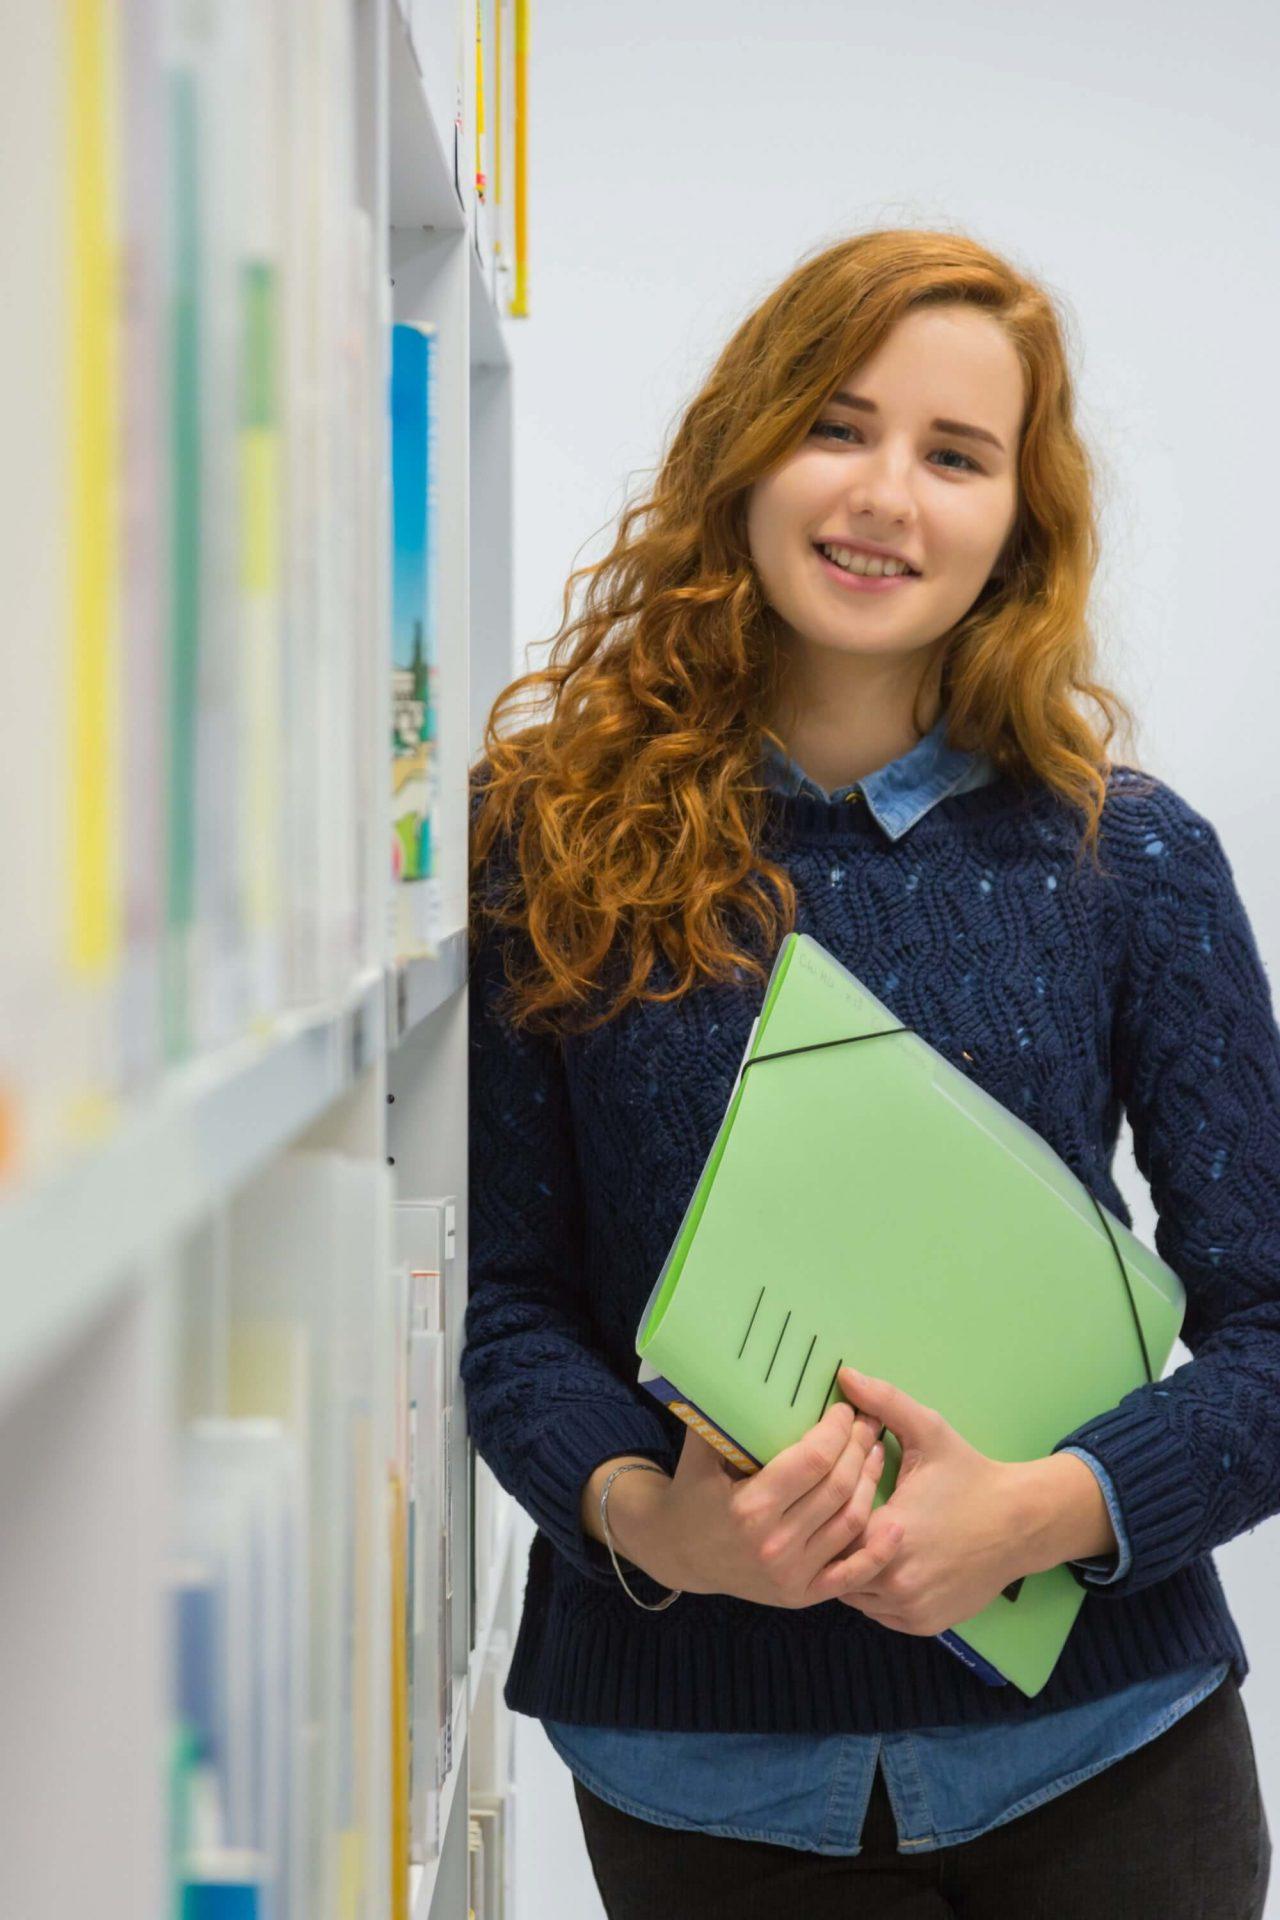 Ung kvindelig studerende står ved bogreol med mappe i hånden